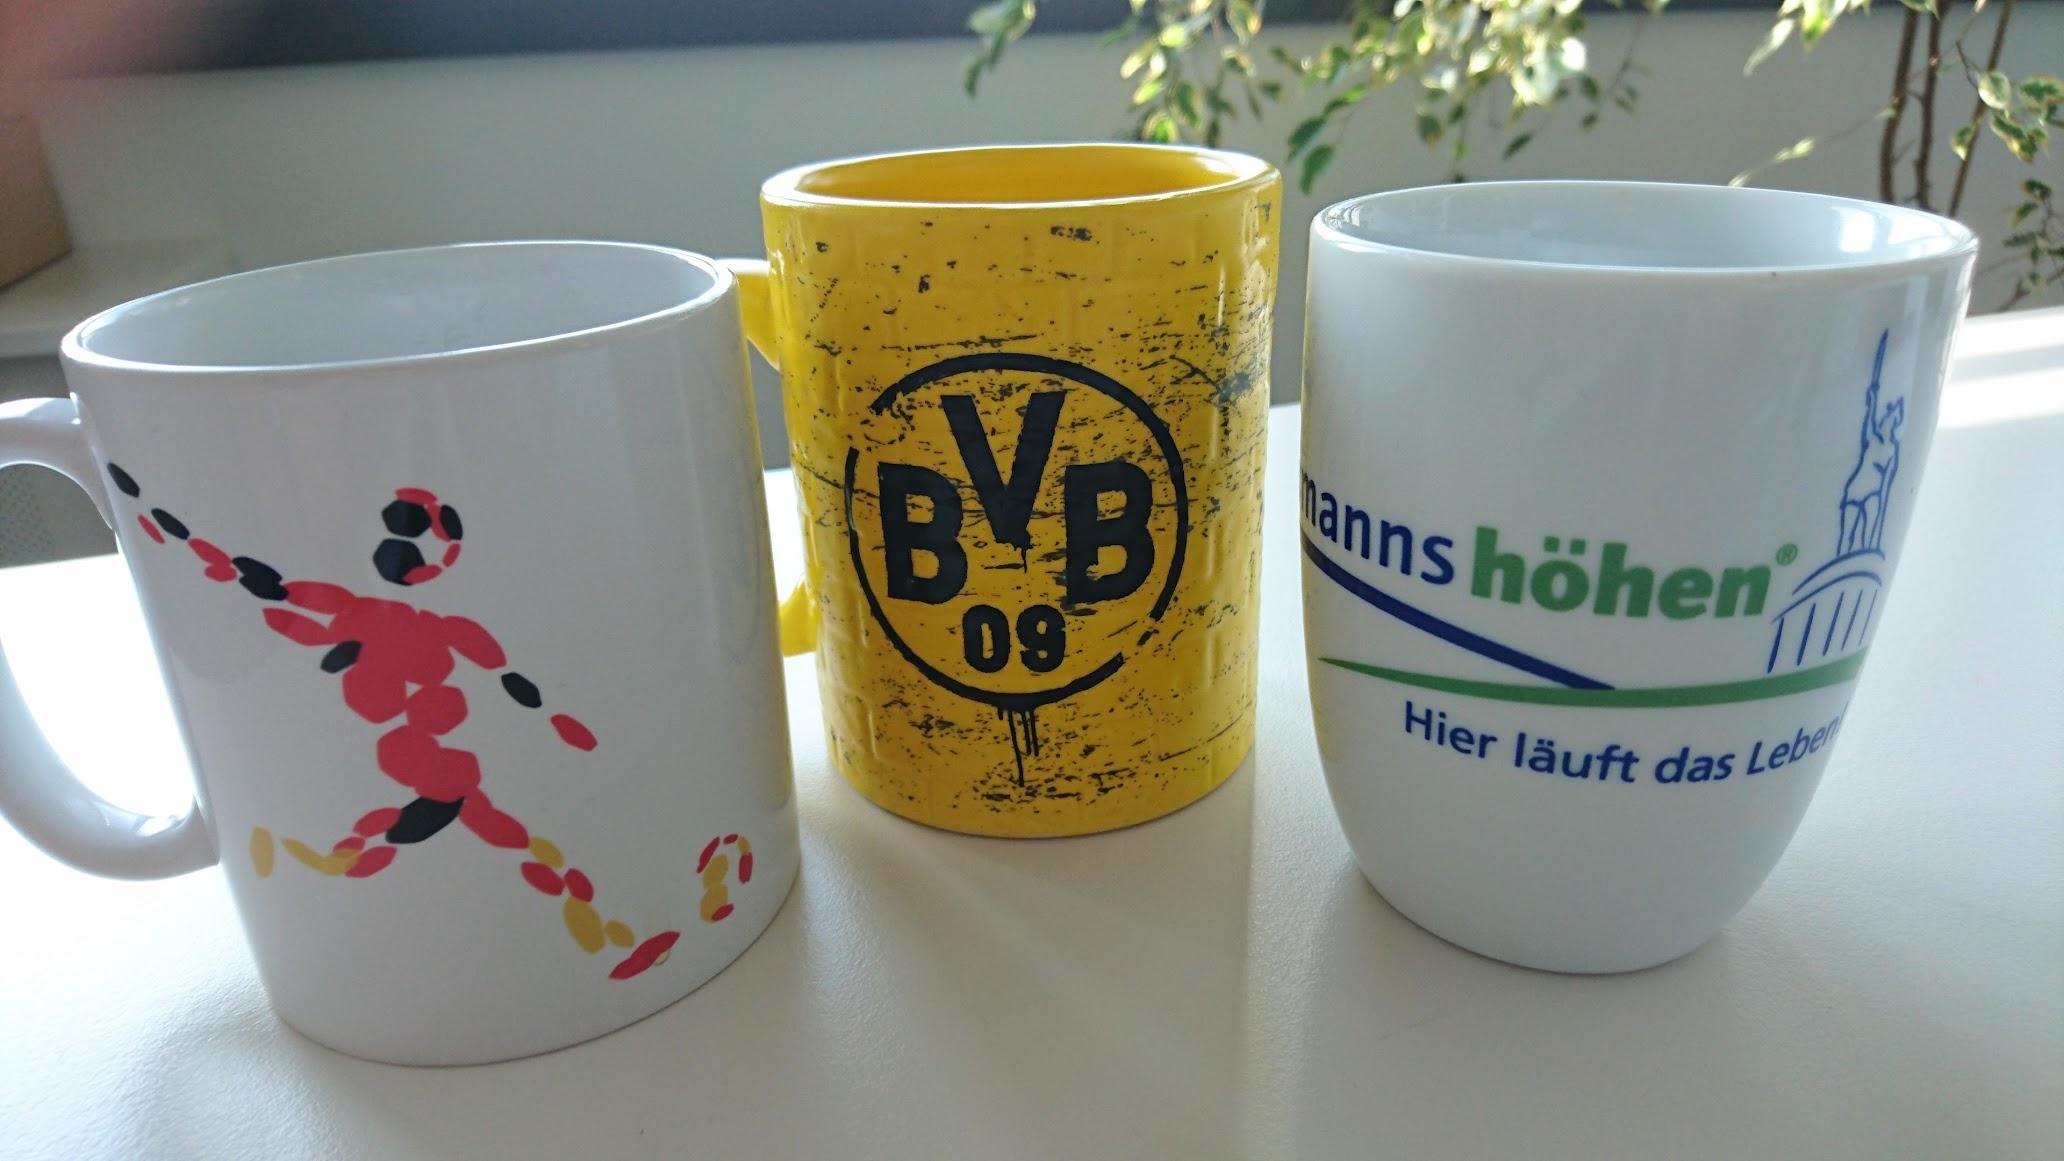 Tassen Kaffeebecher Borussia Dortmund Deutsches Fußballmuseum Hermannshöhen